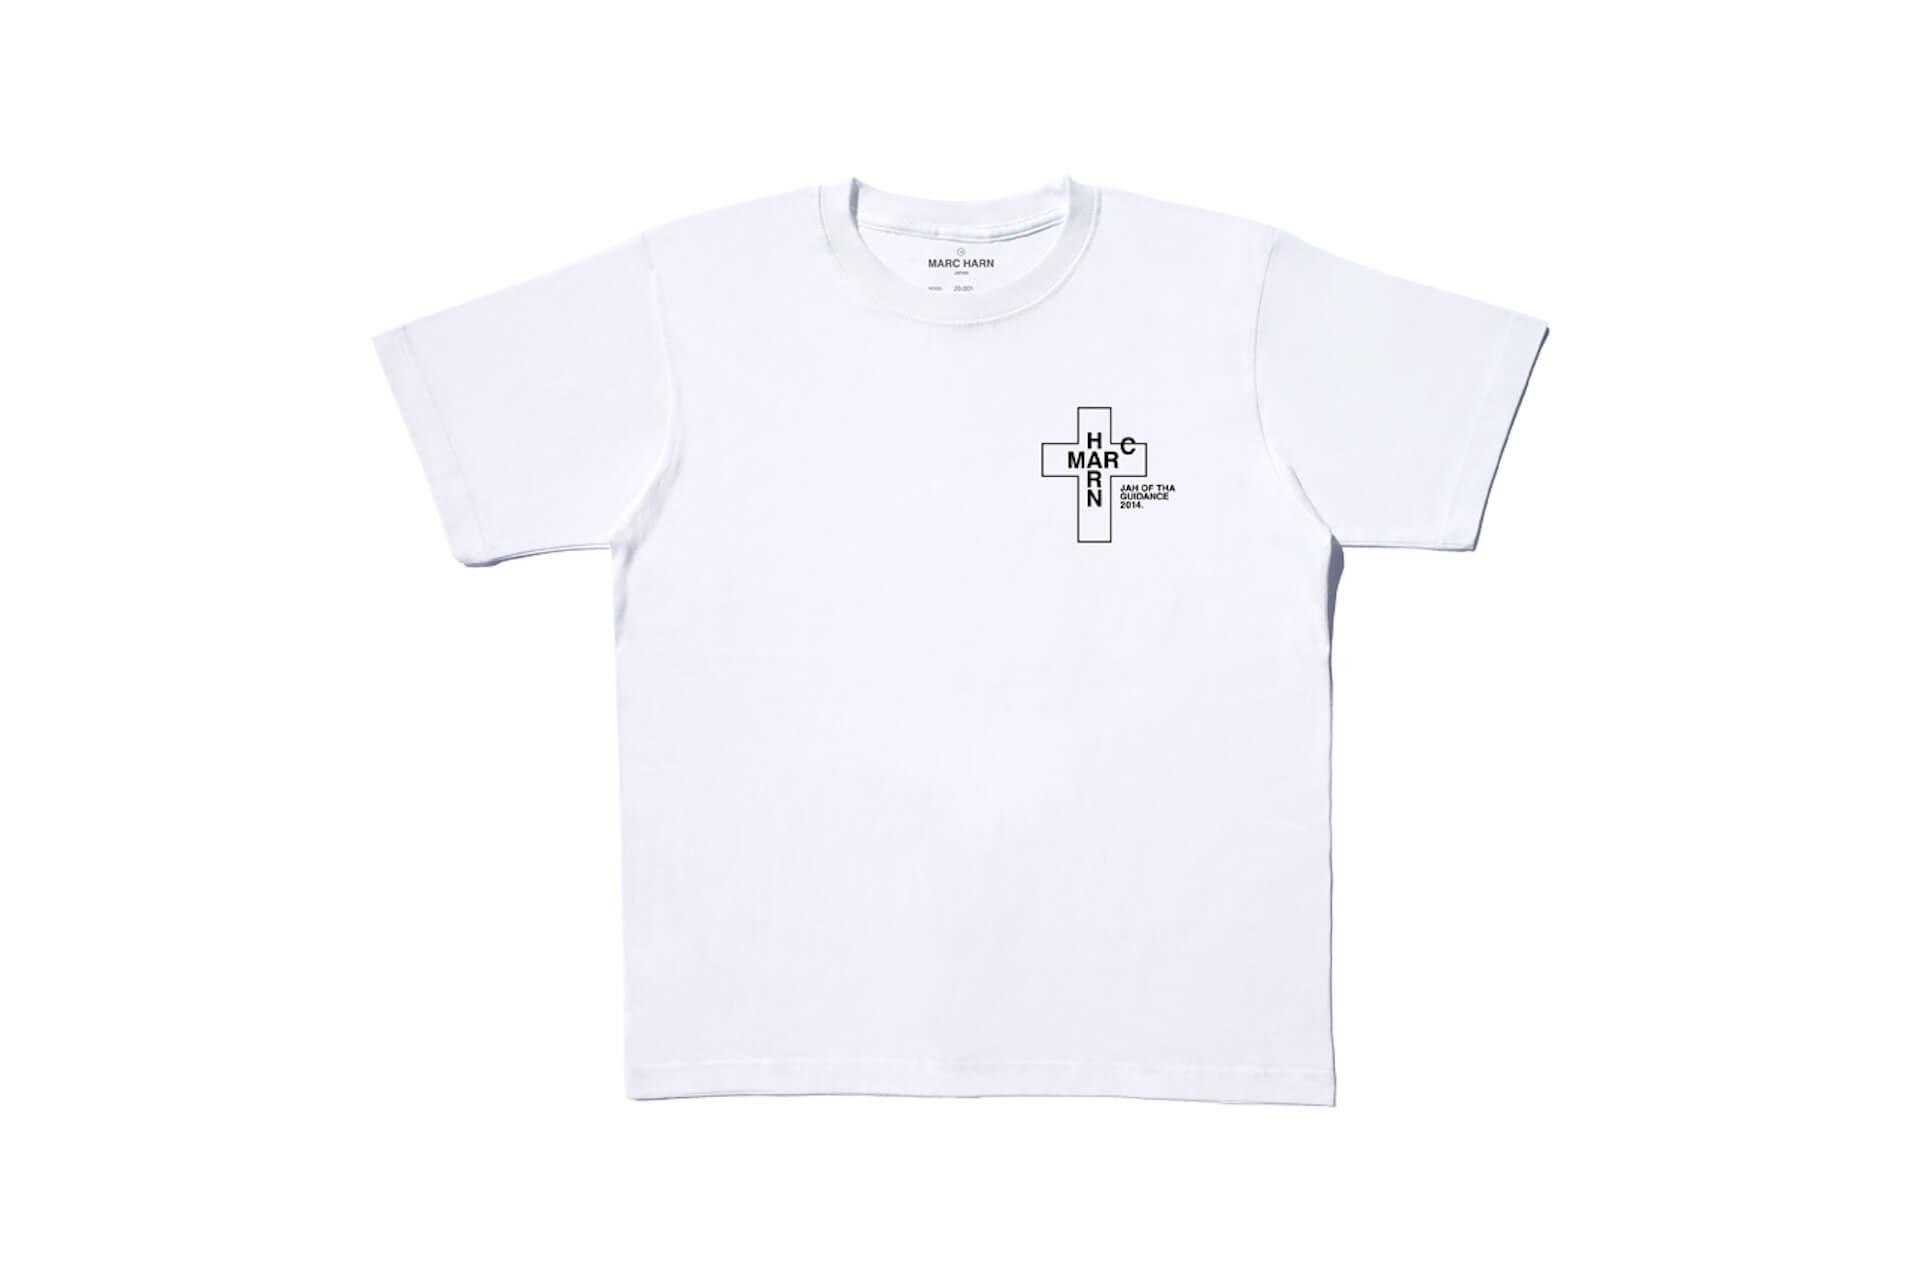 ファレル・ウィリアムス、VANSが認めたMASAの「MARC HARN」が新作の受注受付を開始!Tシャツやキャップなど12アイテム lf200618_marcharn_06